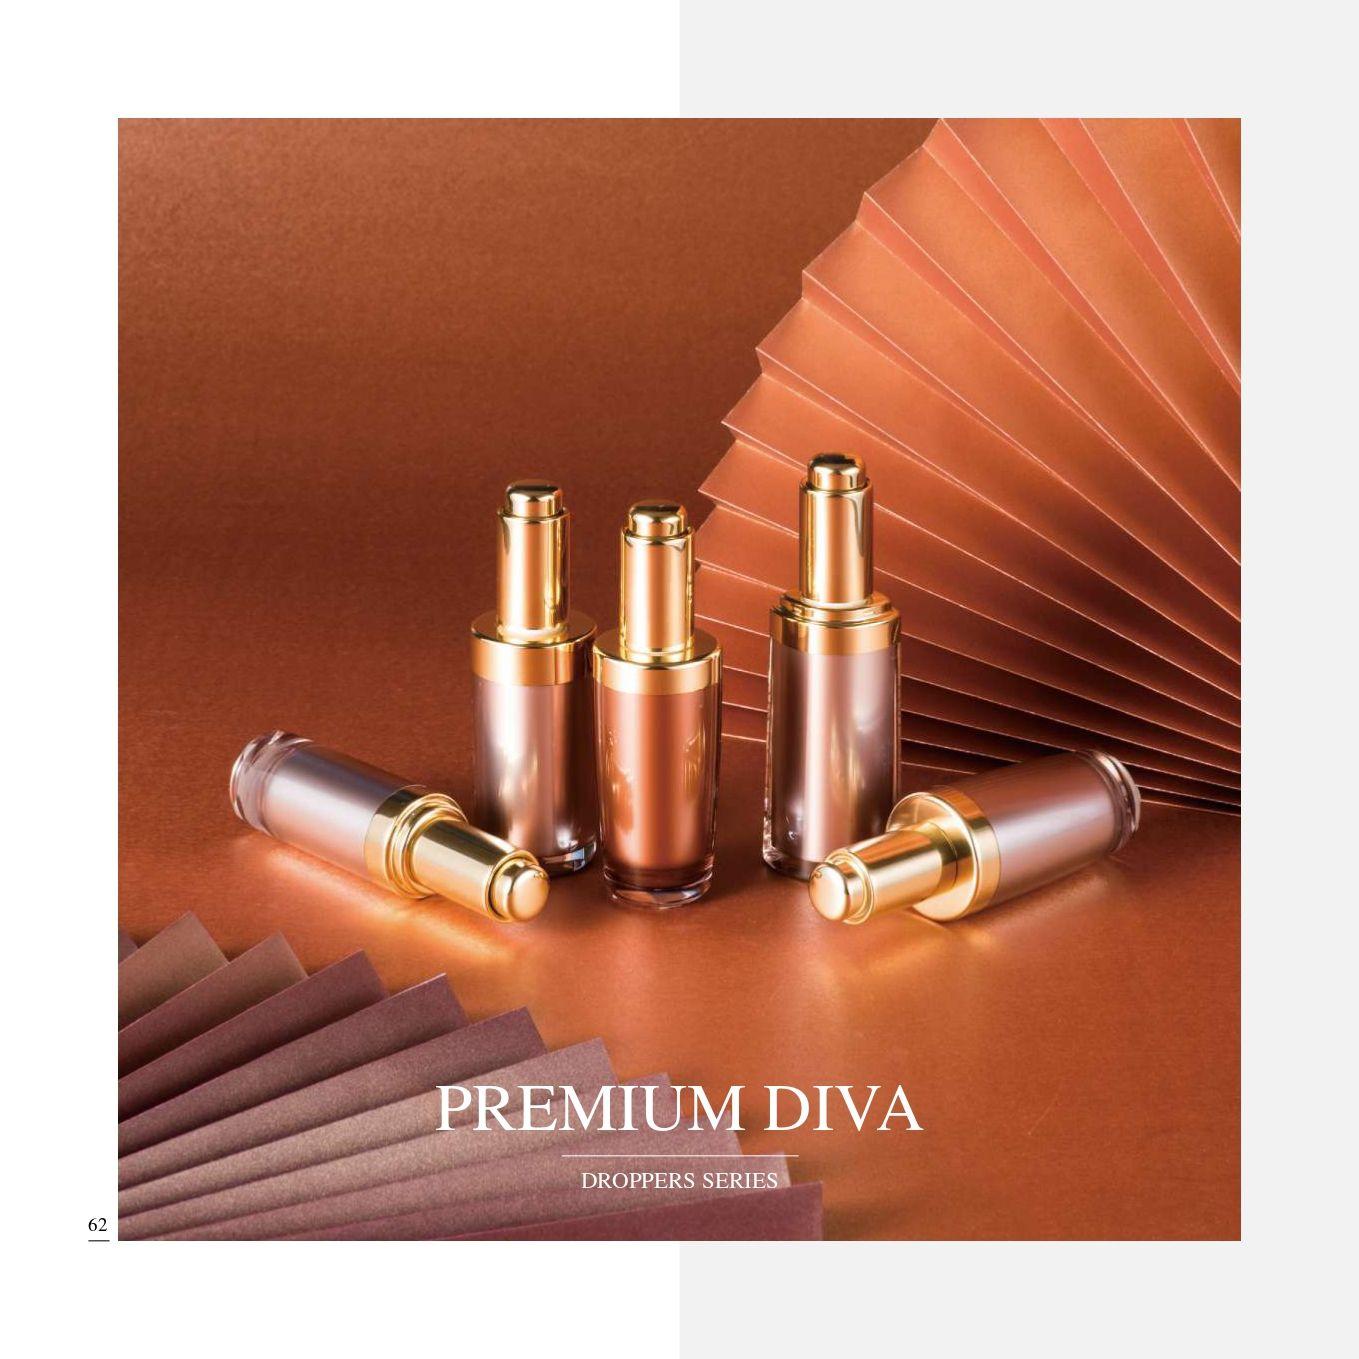 ラグジュアリー化粧品Dropper包装シリーズ商品 - 化粧品包装コレクション - プレミアムディーバ